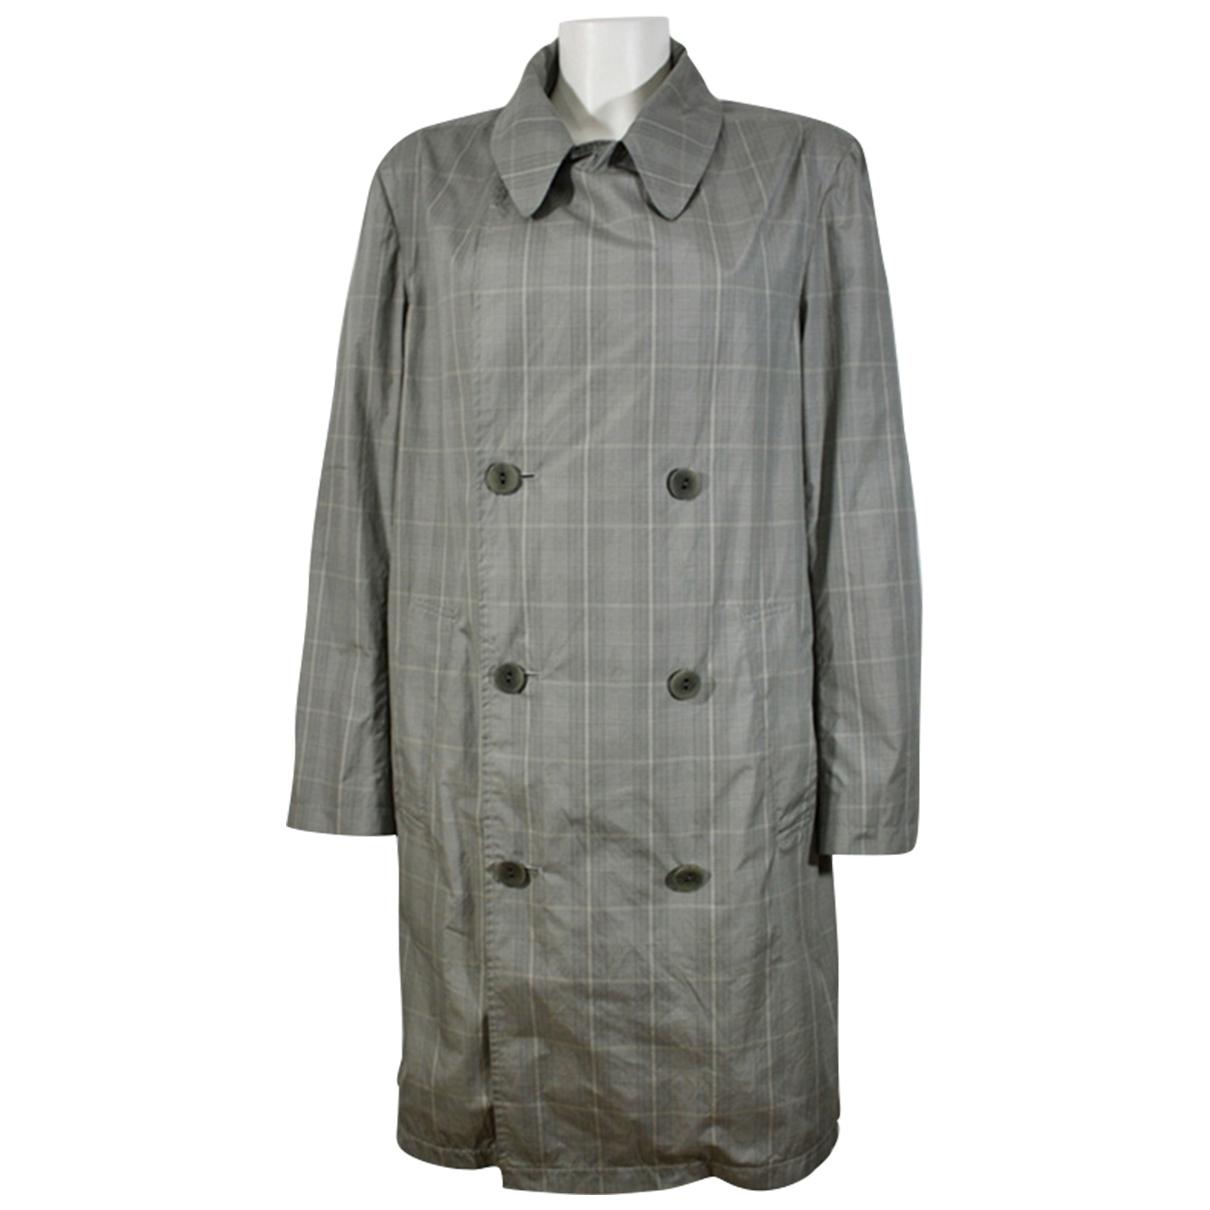 Dries Van Noten \N Grey coat for Women M International